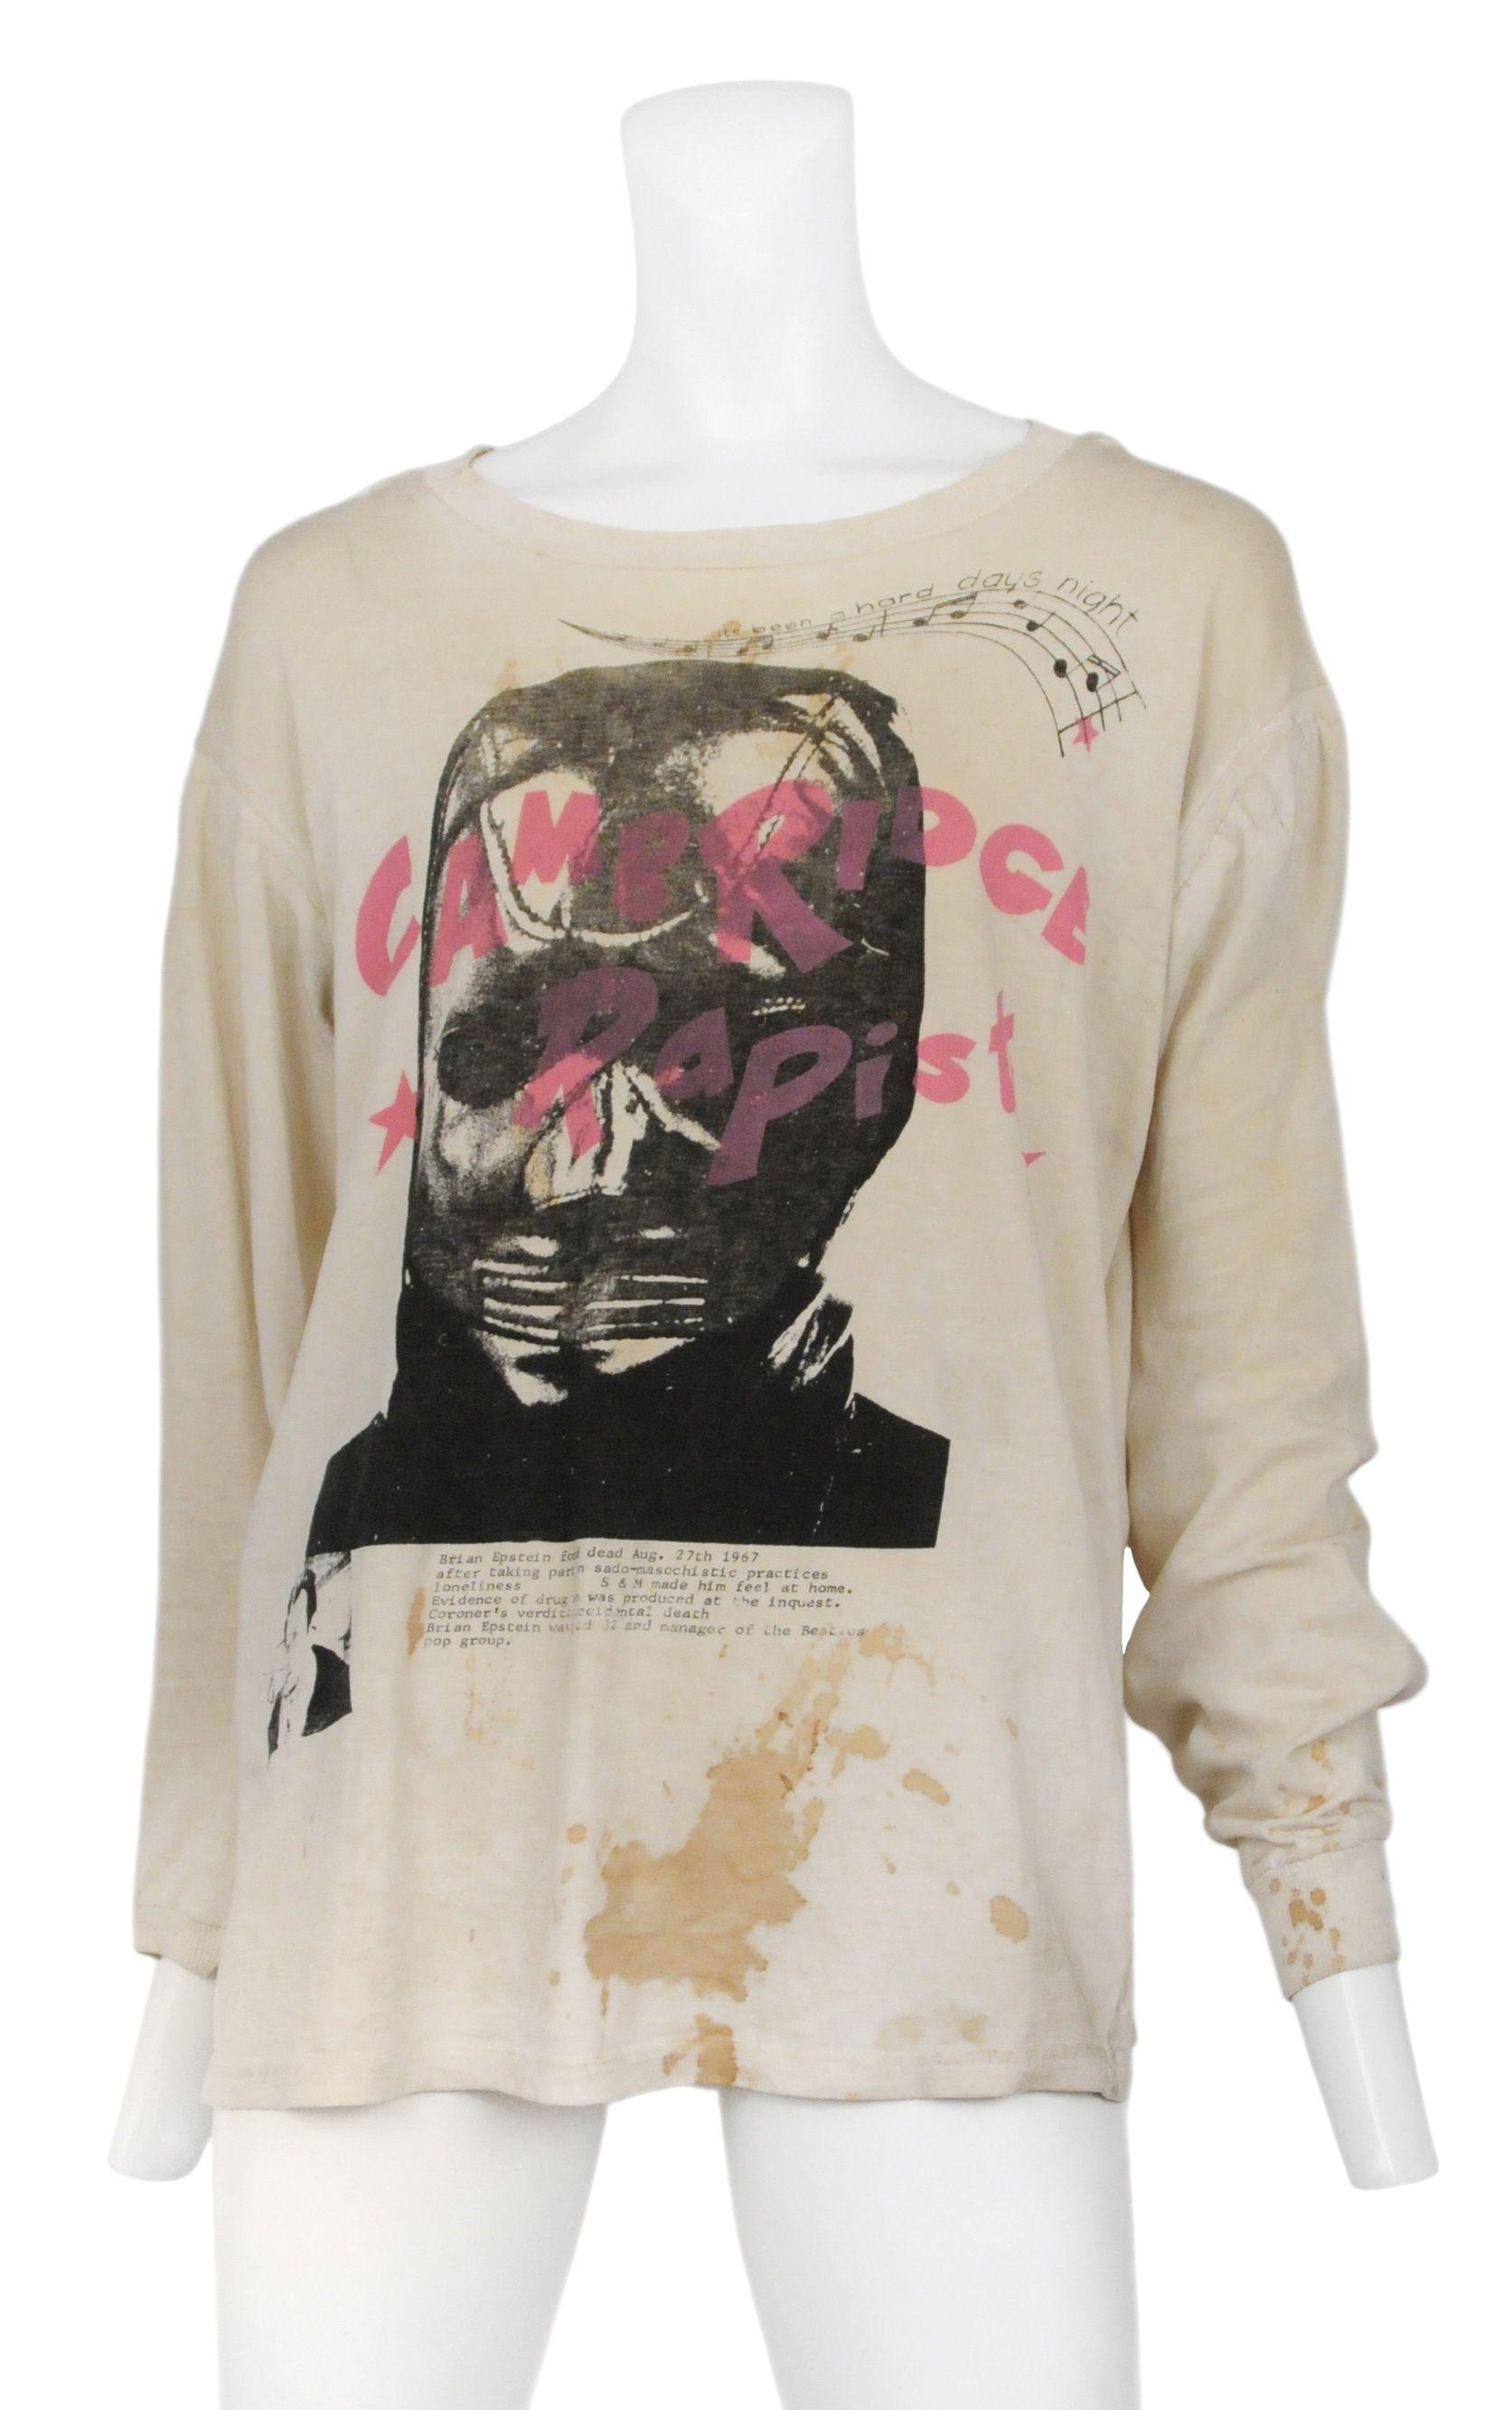 ba31d94c Vivienne Westwood & Malcolm McLaren Seditonaries T-Shirt @ Resurrection  Vintage. #whatareyoulookingat